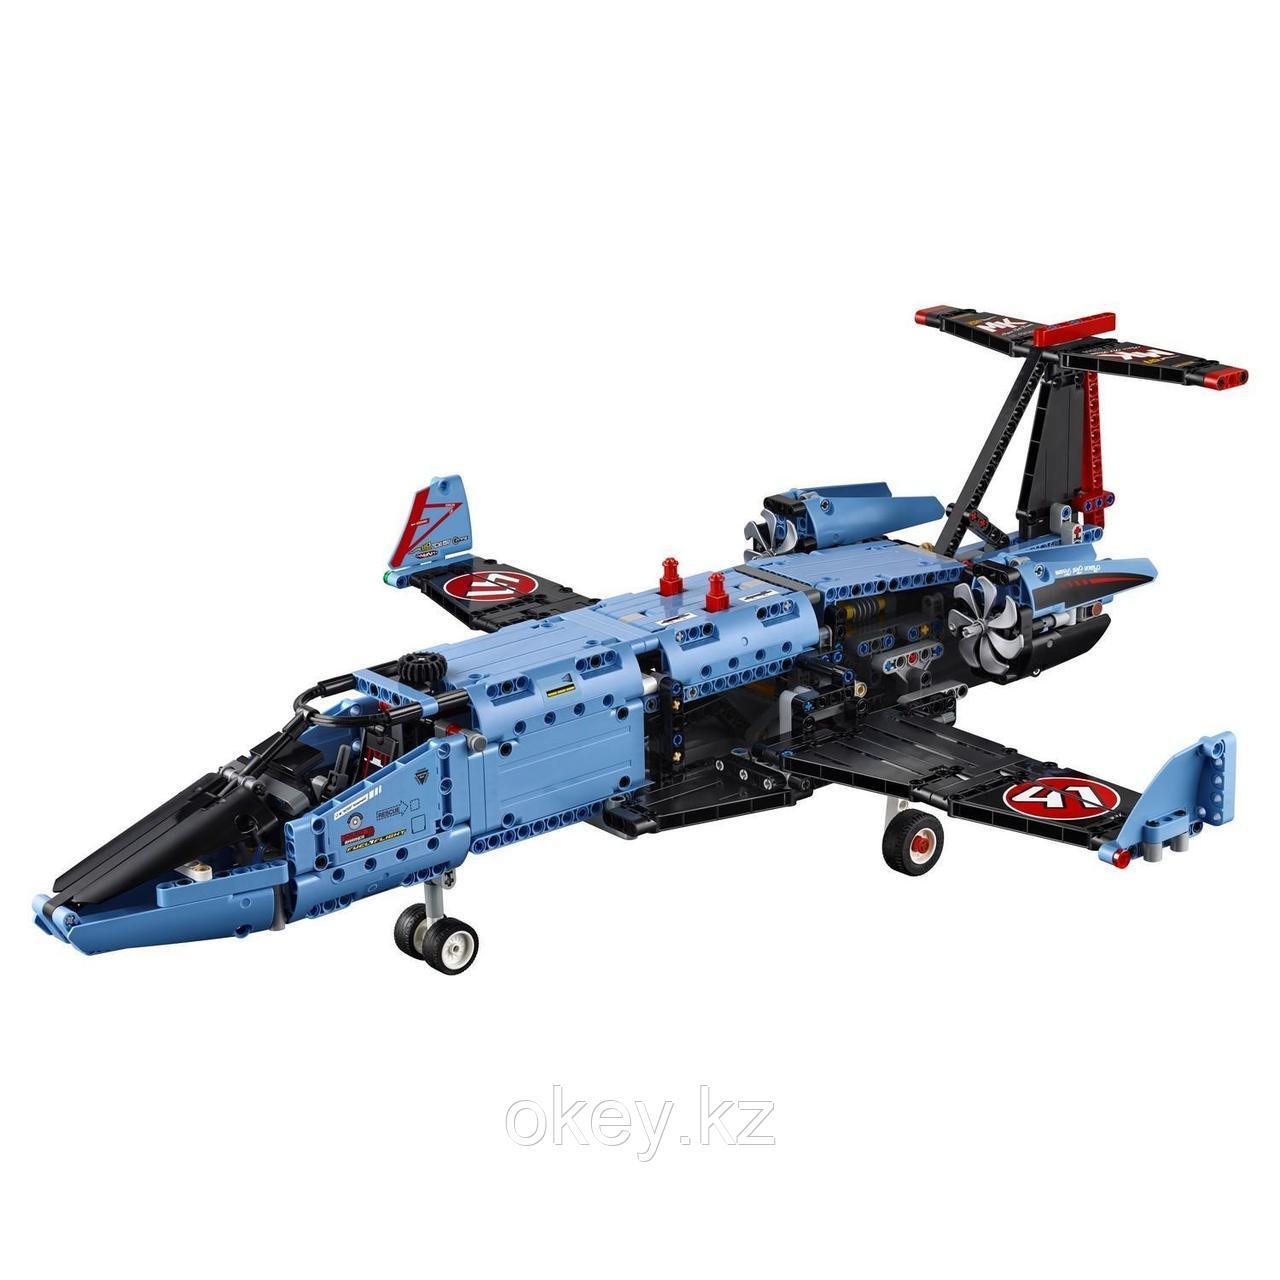 LEGO Technic: Сверхзвуковой истребитель 42066 - фото 6